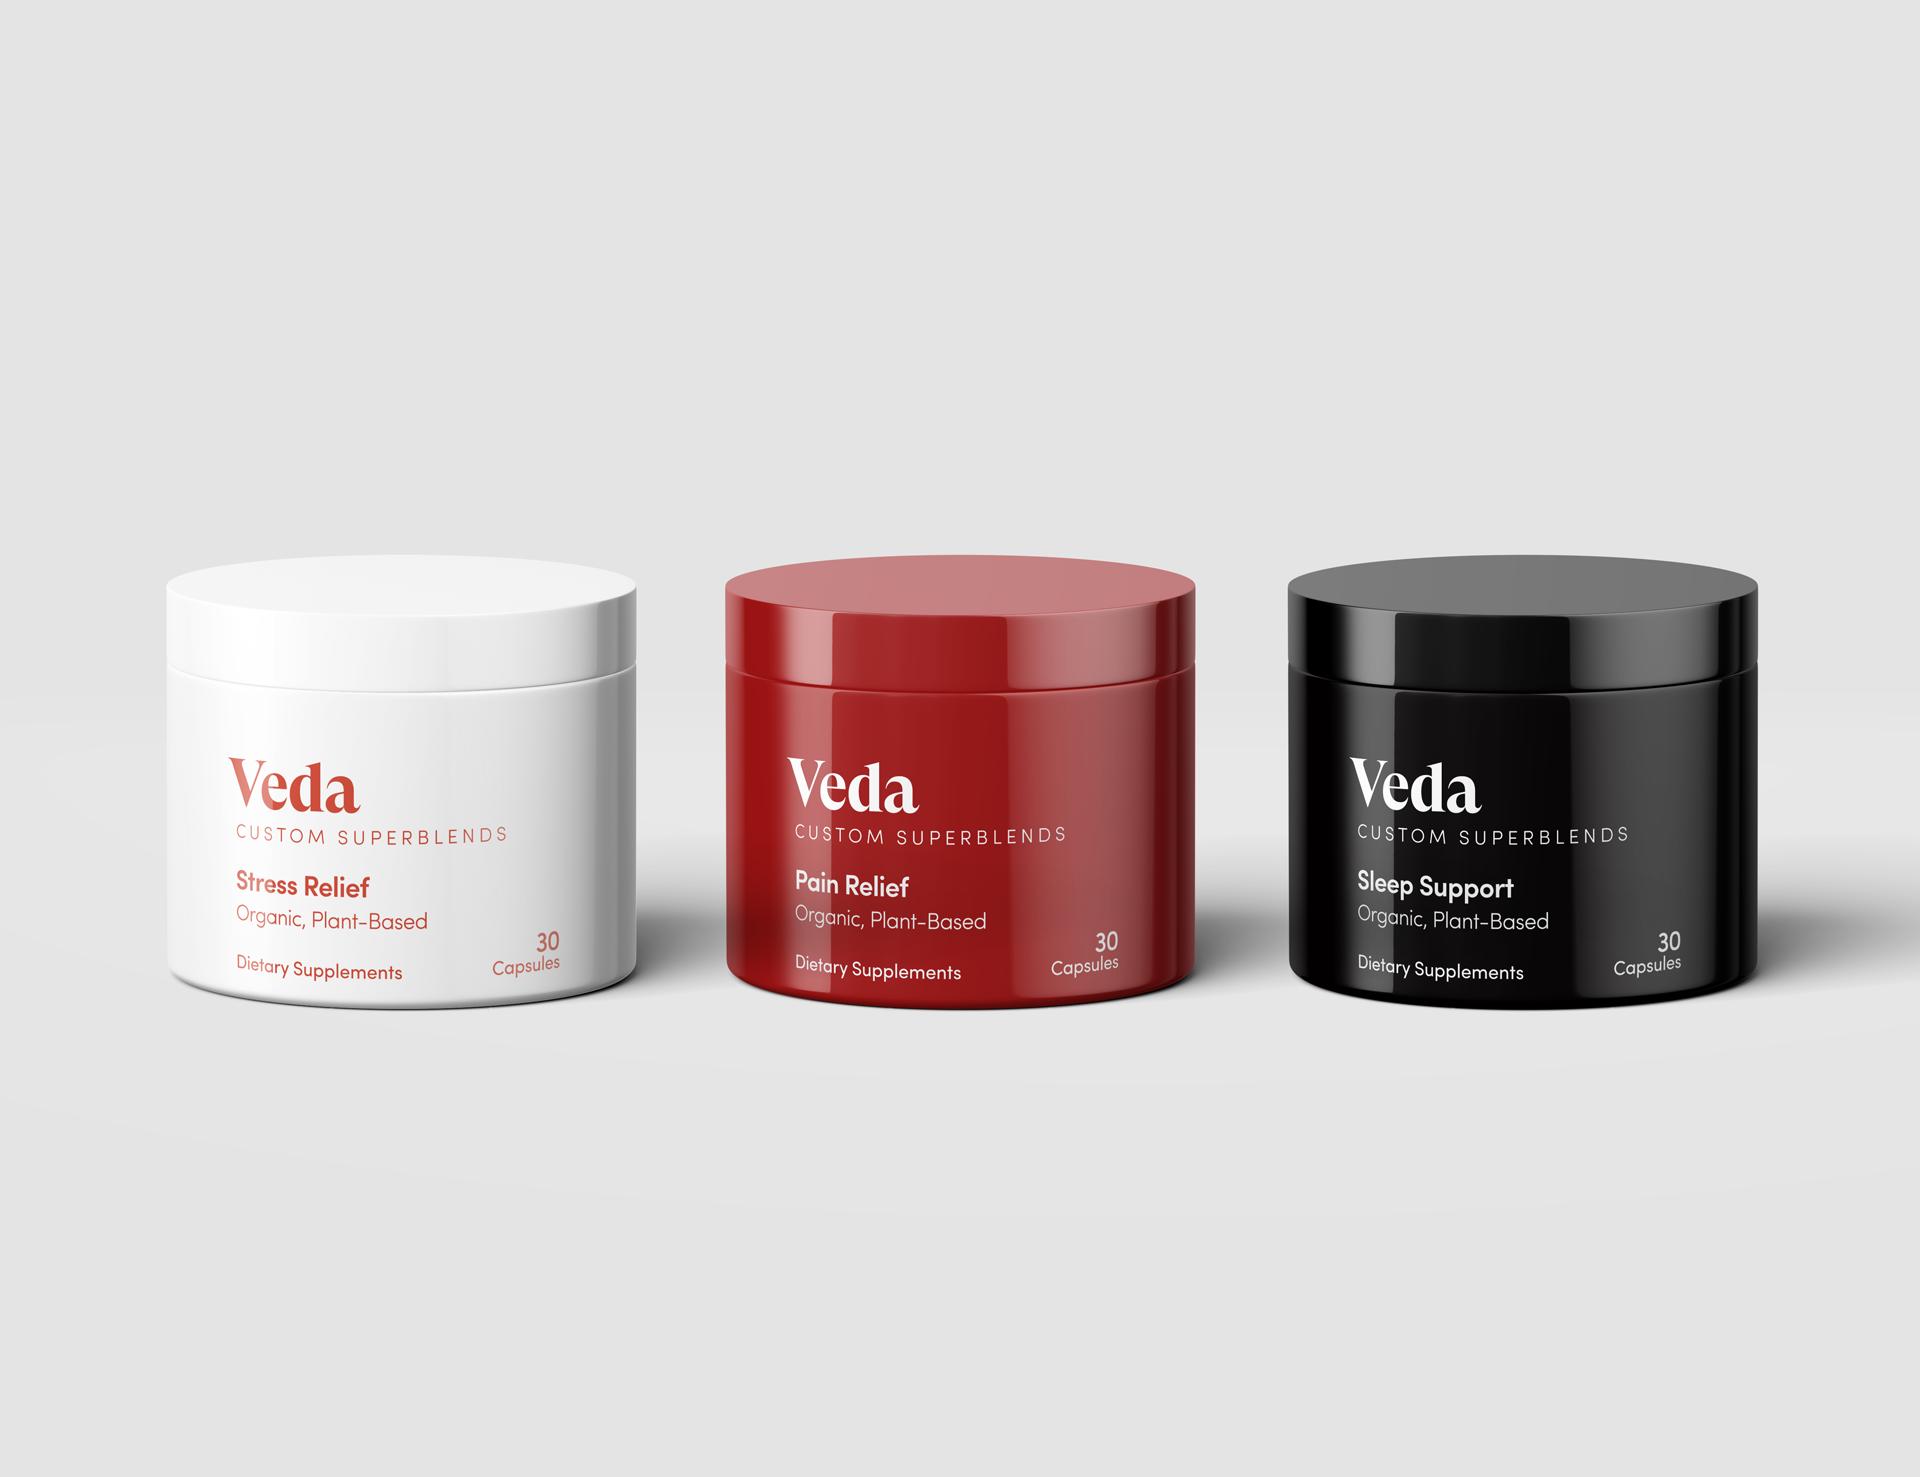 CBD Supplements Packaging Design